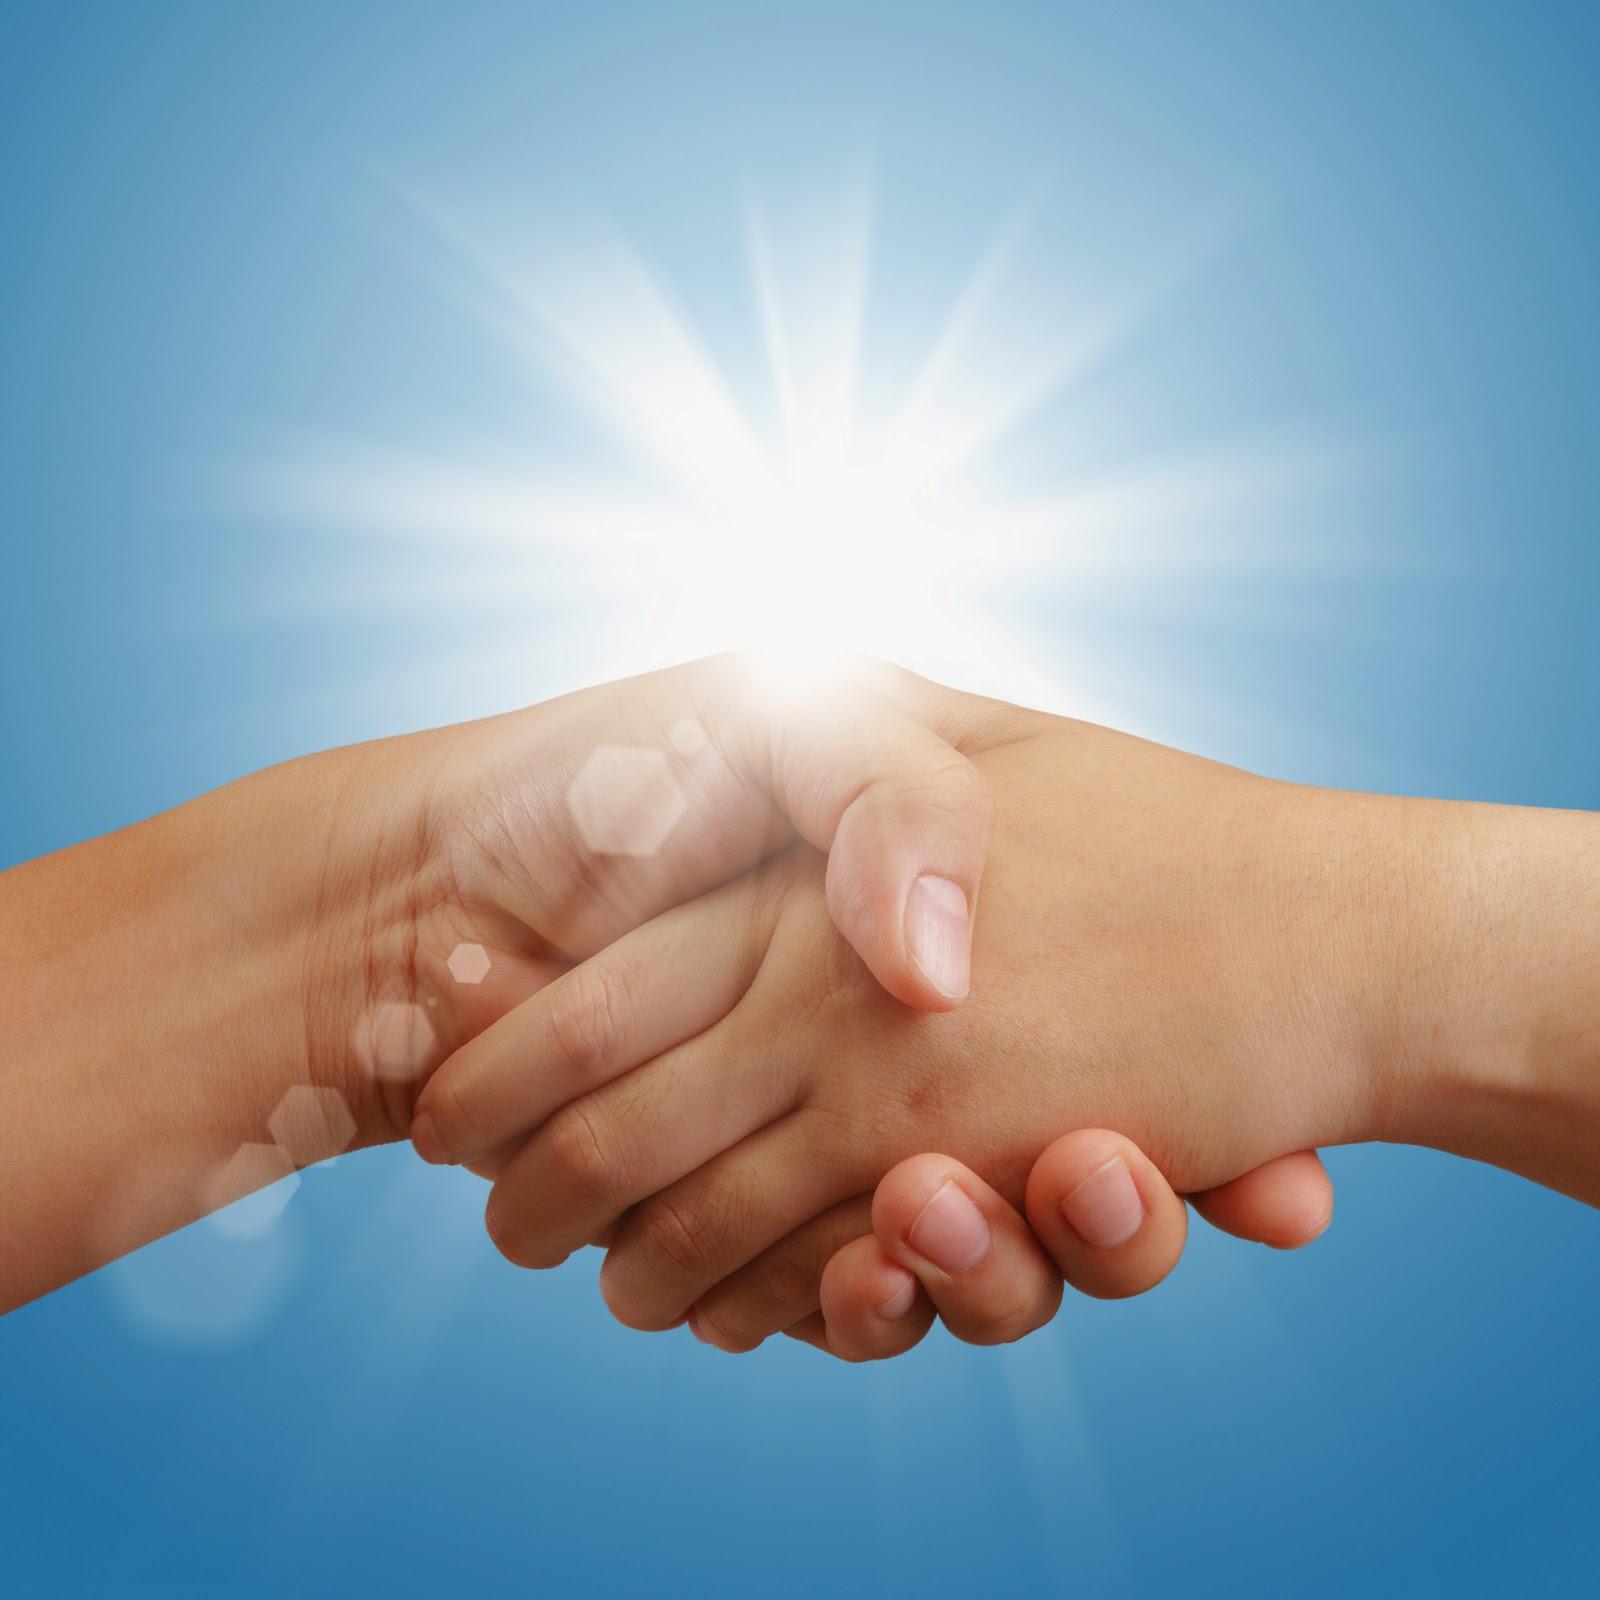 kreditie, human wirtschaft, neue weltordnung, vladimir putin, einheit in verschiedenheit